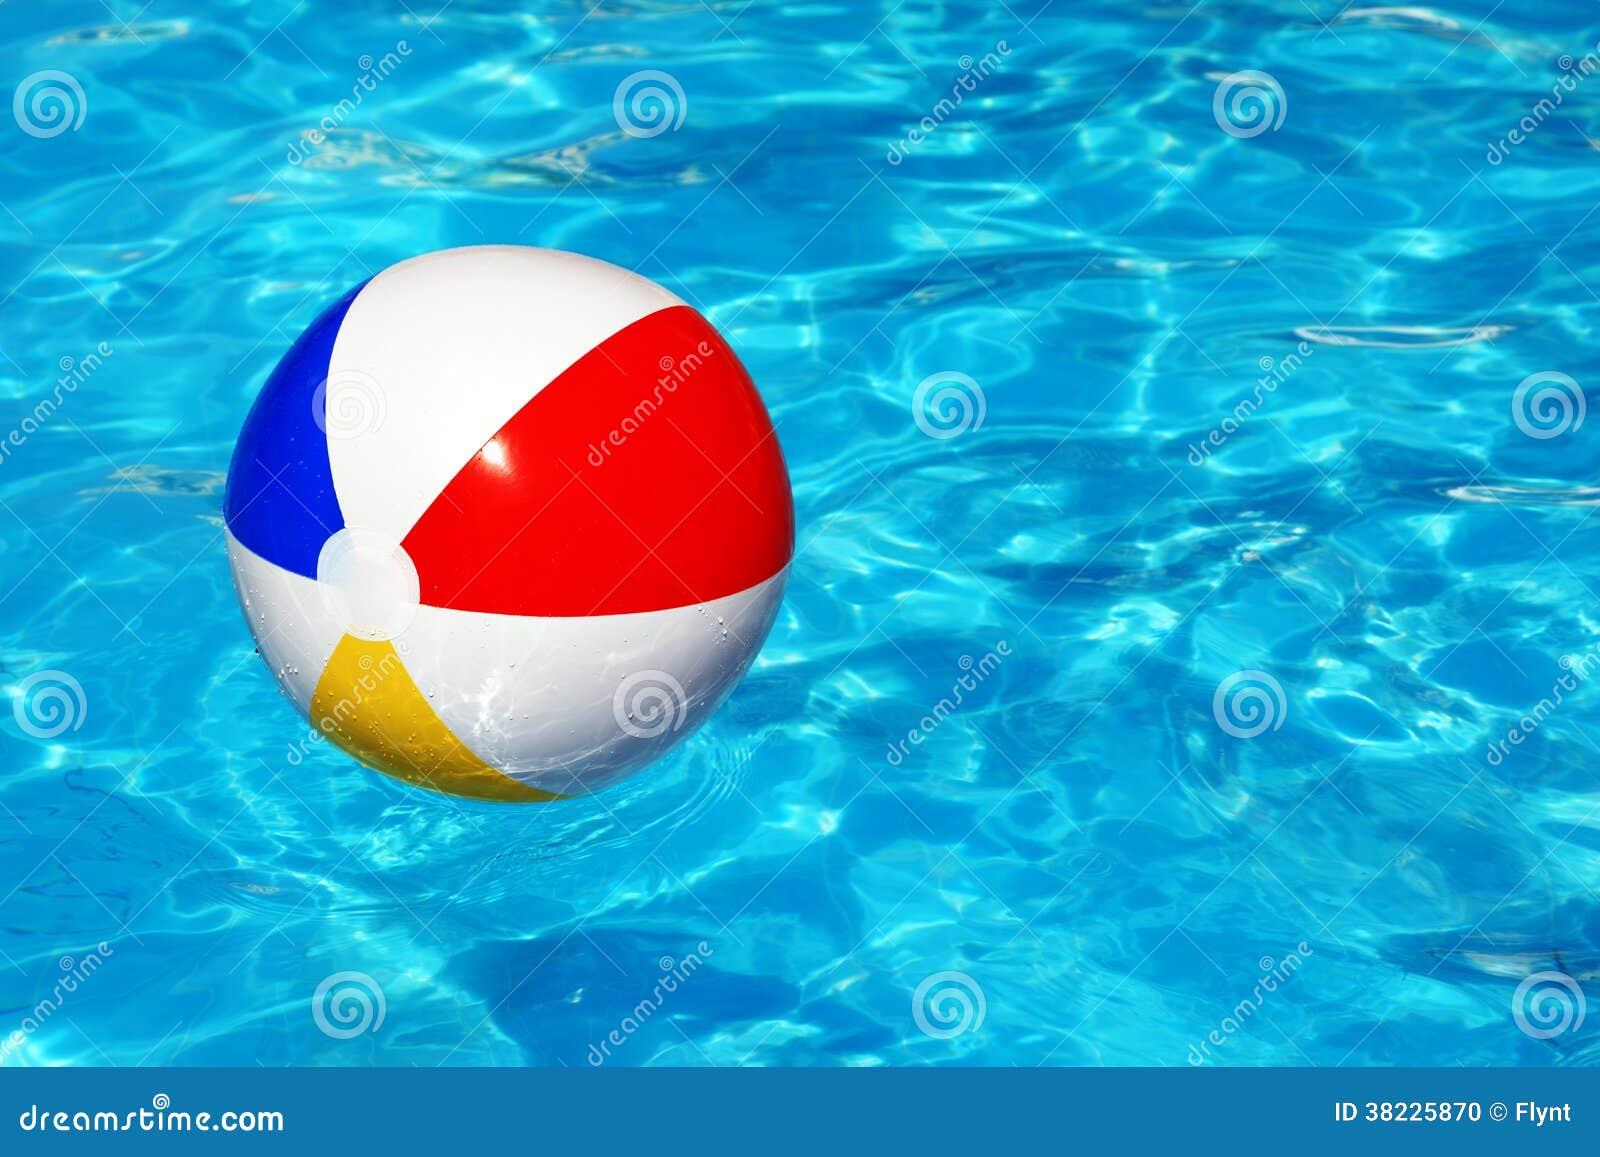 Pelota de playa en piscina foto de archivo imagen 38225870 for Pelotas para piscina